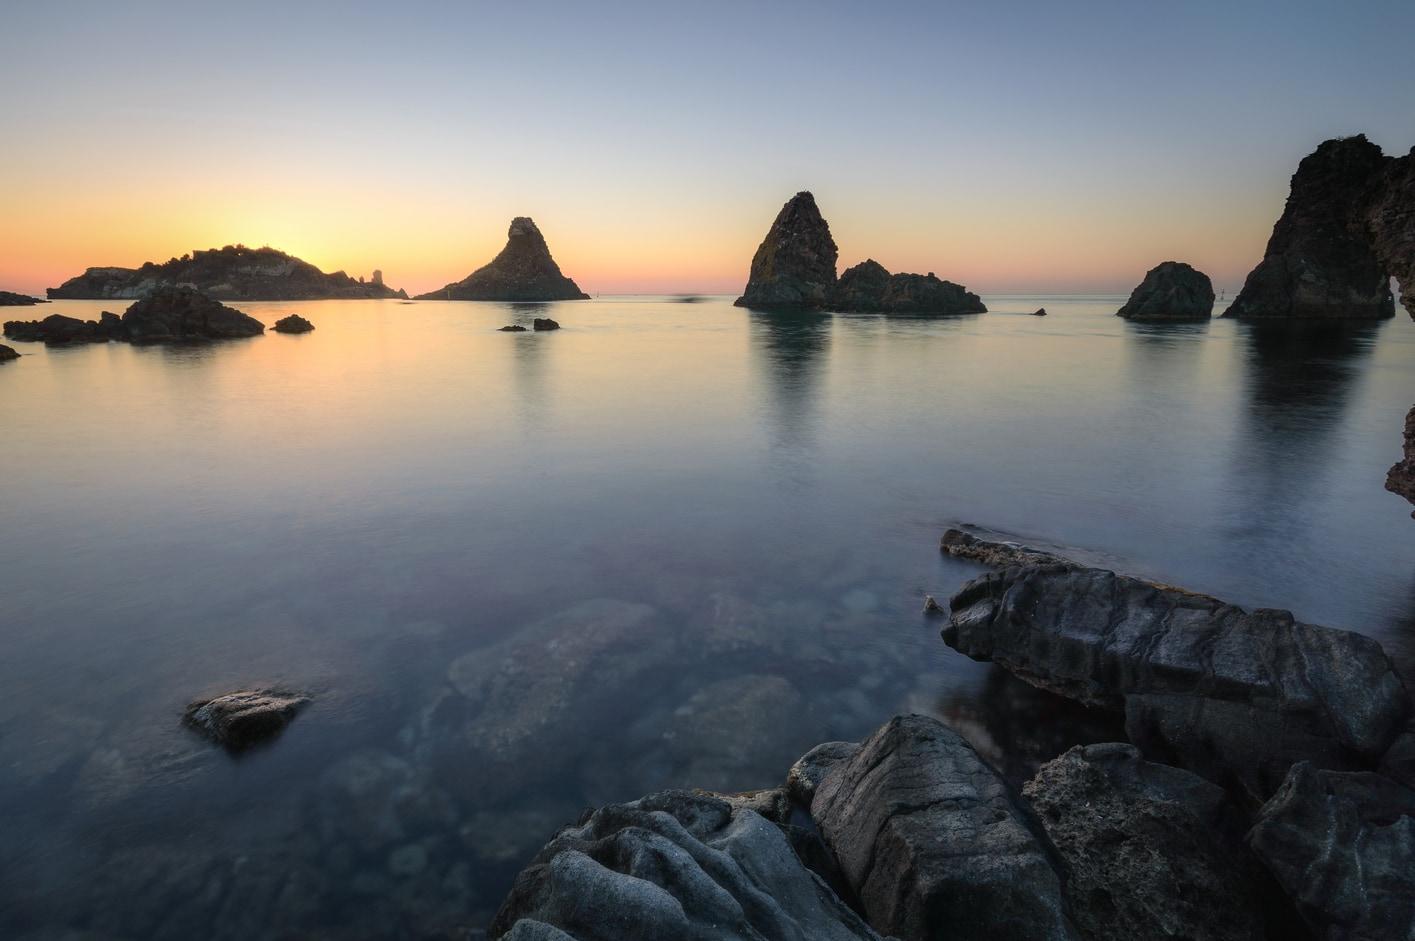 Sunrise on the Riviera dei Ciclopi in Aci Trezza Sicily